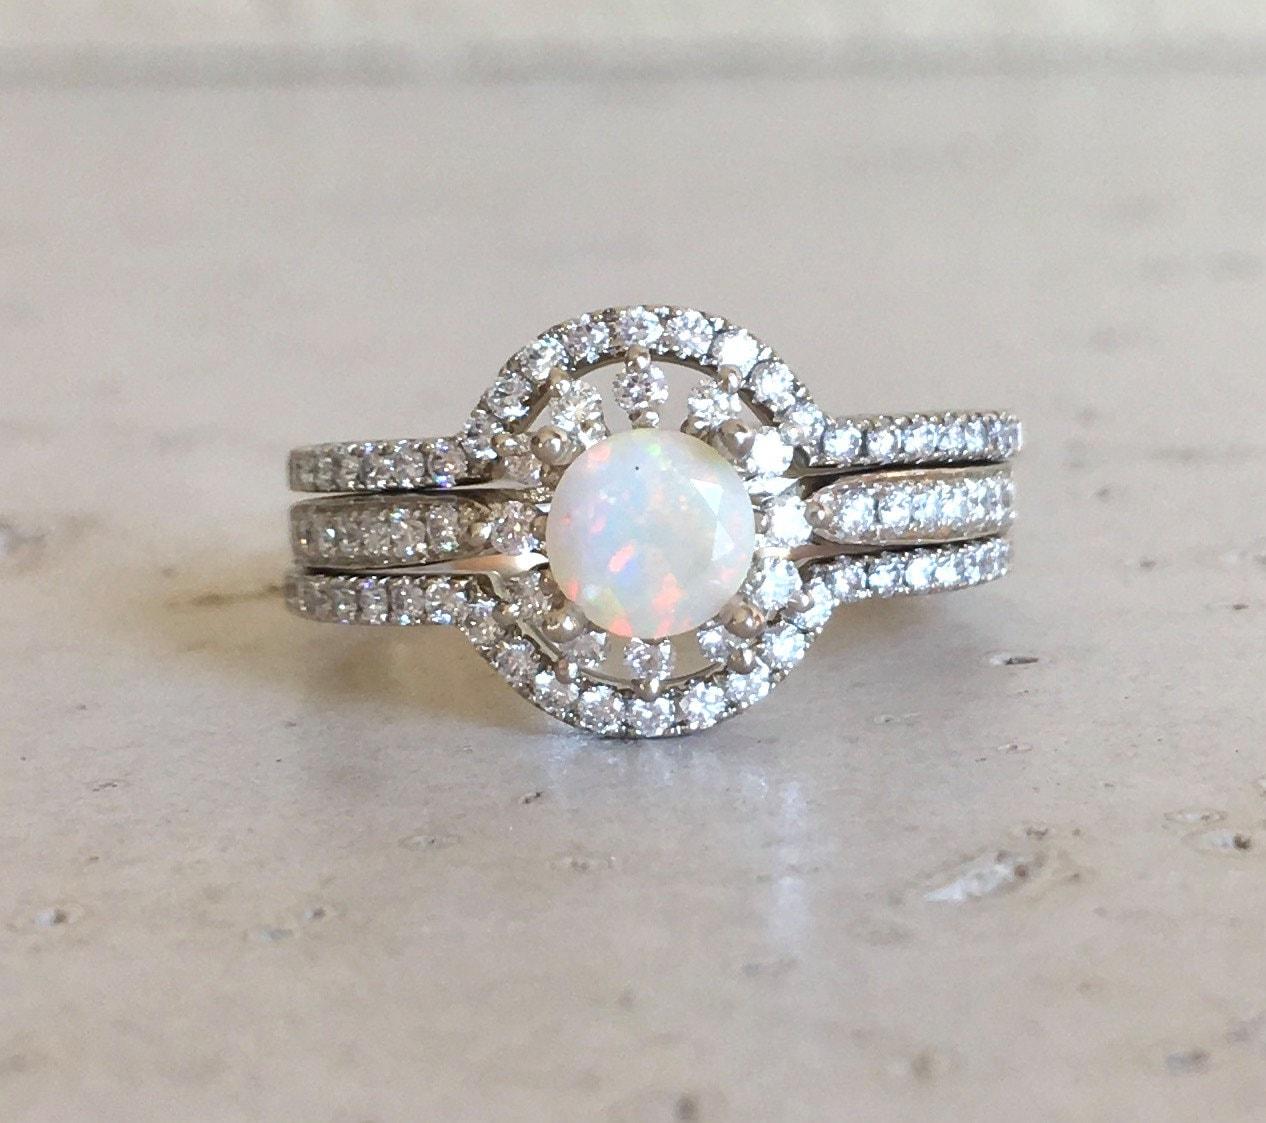 Rose Gold Opal Engagement Ring Set  Genuine Opal Engagement Ring  14k  Floral Engagement Ring  Opal Bridal Set Wedding Ring Opal Diamond Ring